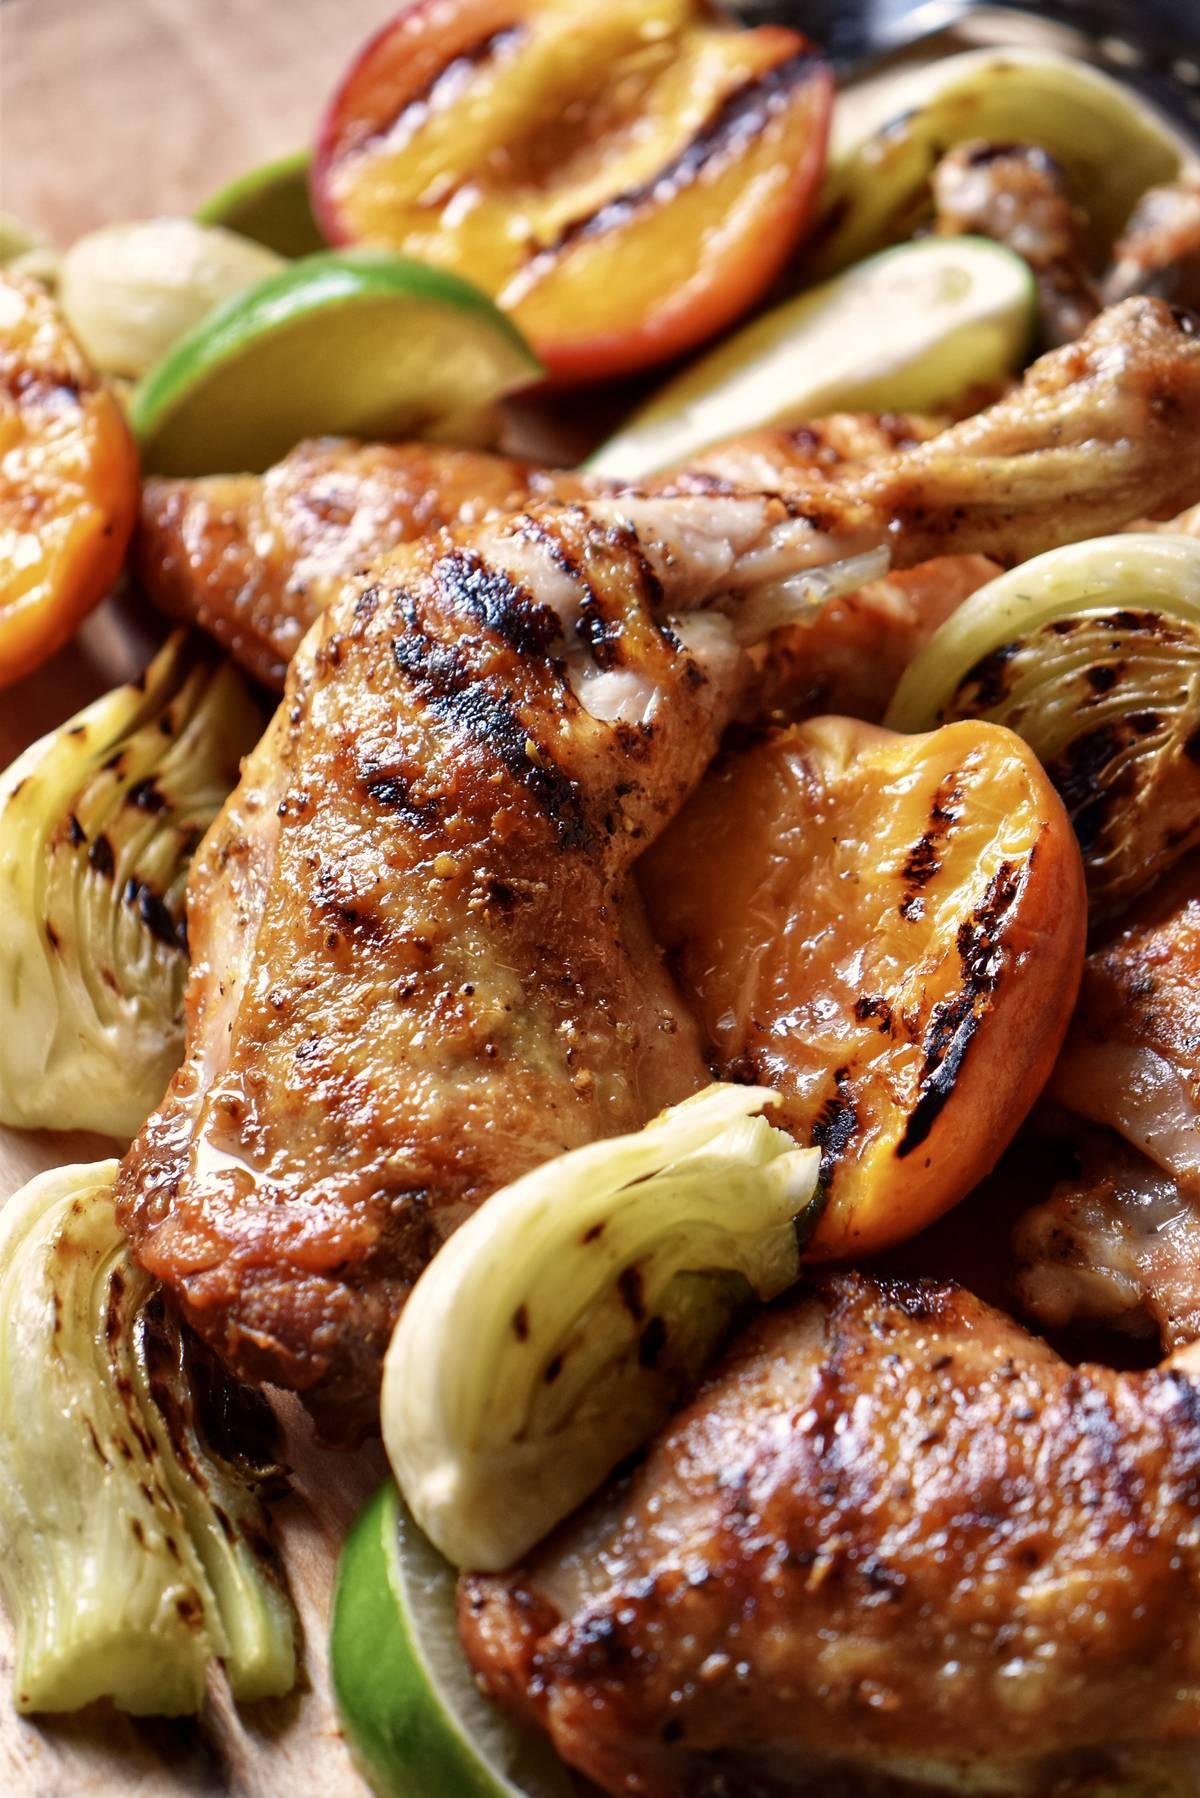 An close up photo of a grilled chicken leg quarter.